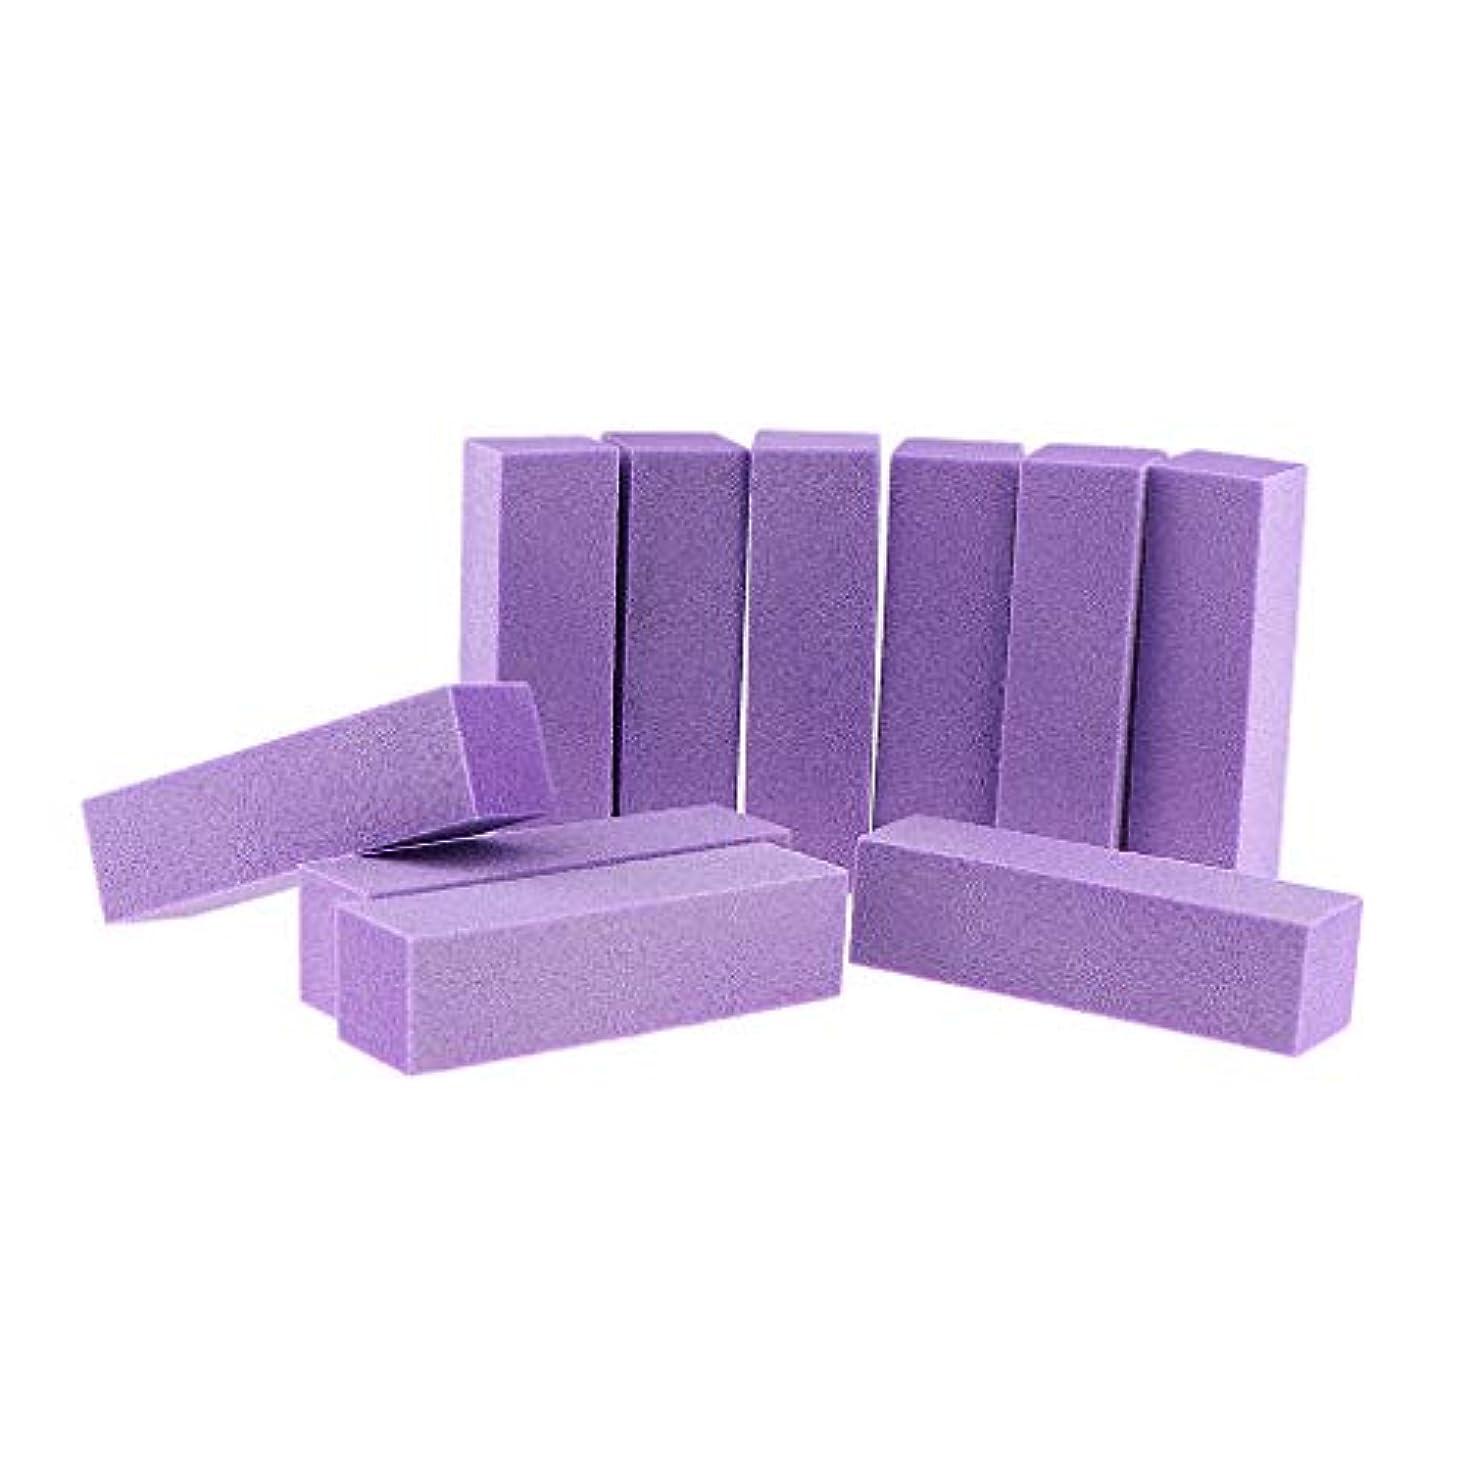 ソーダ水ペイント有名な10PCSネイルアートケアバッファーバフ研磨サンディングブロックファイルグリットアクリルマニキュアツール-プロフェッショナルサロン使用または家庭用 - 紫